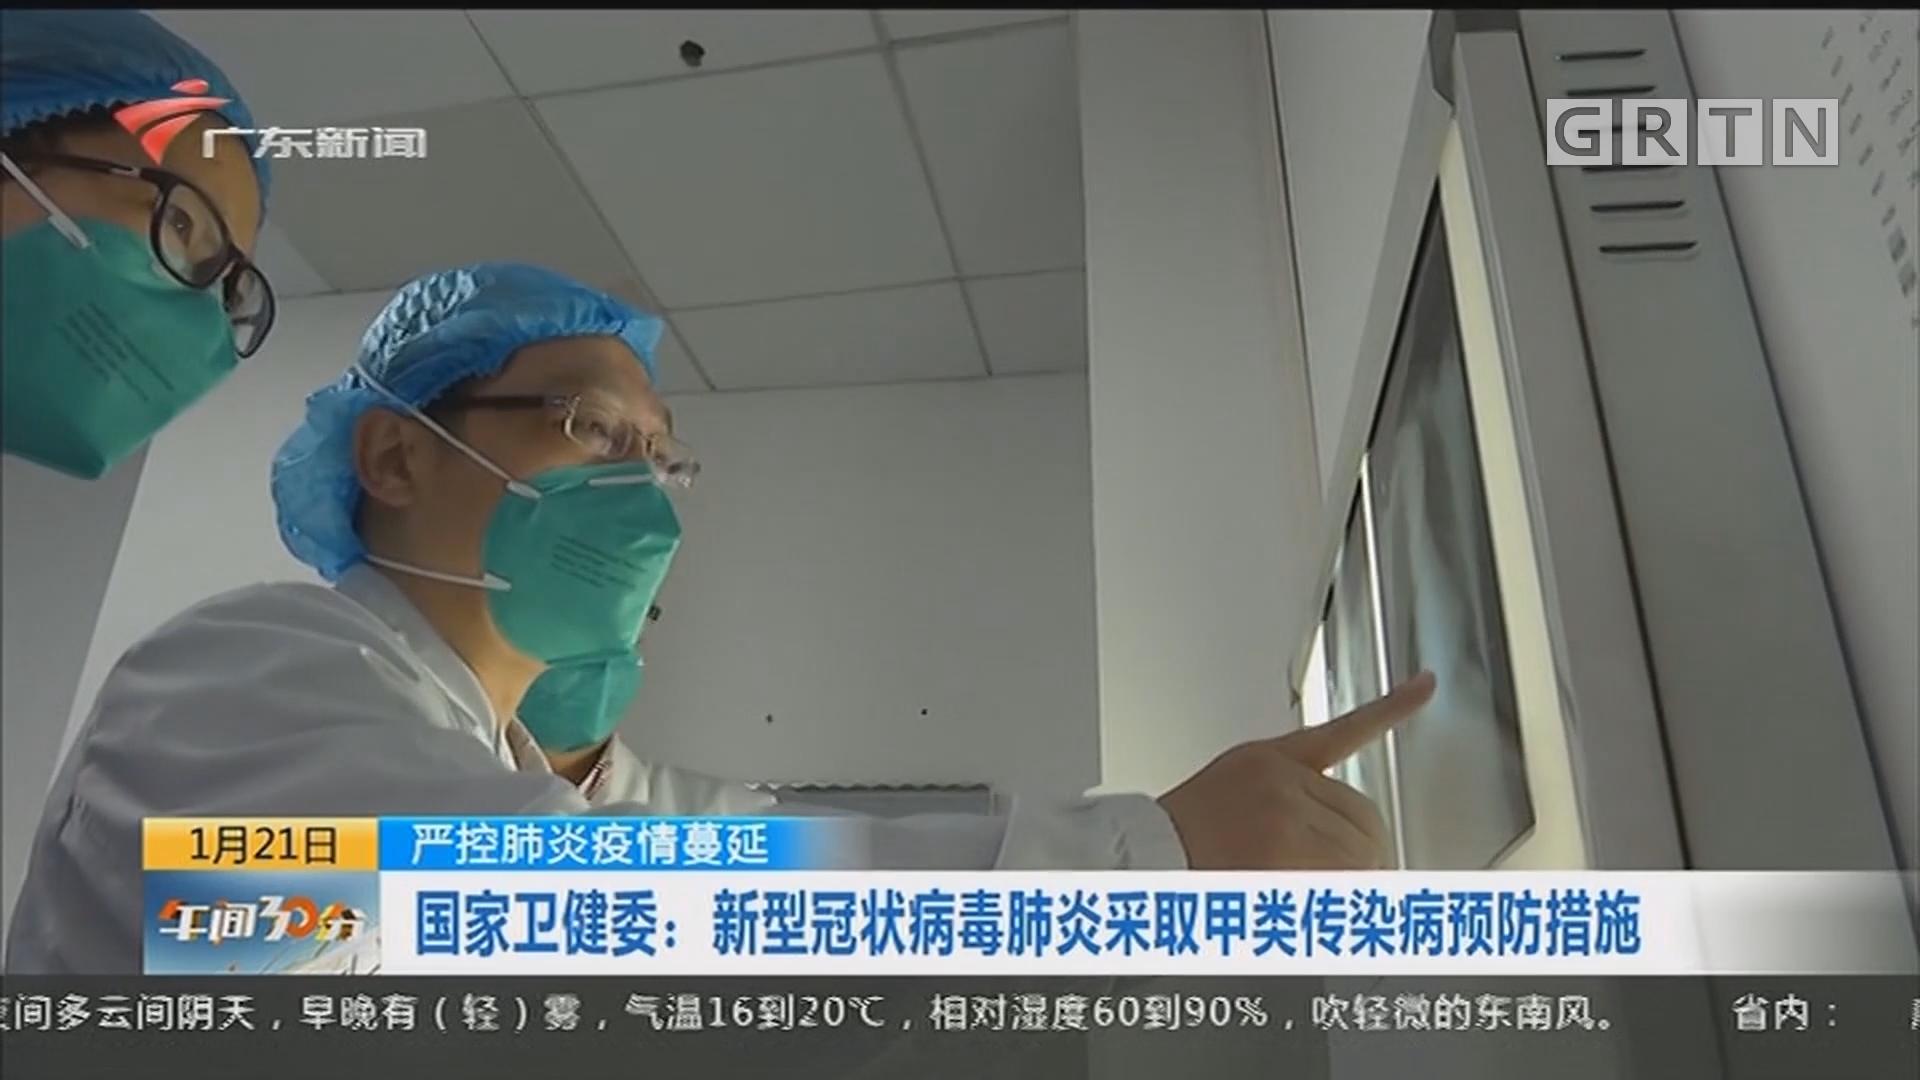 严控肺炎疫情蔓延 国家卫建委:新型冠状病毒肺炎采取甲类传染病预防措施